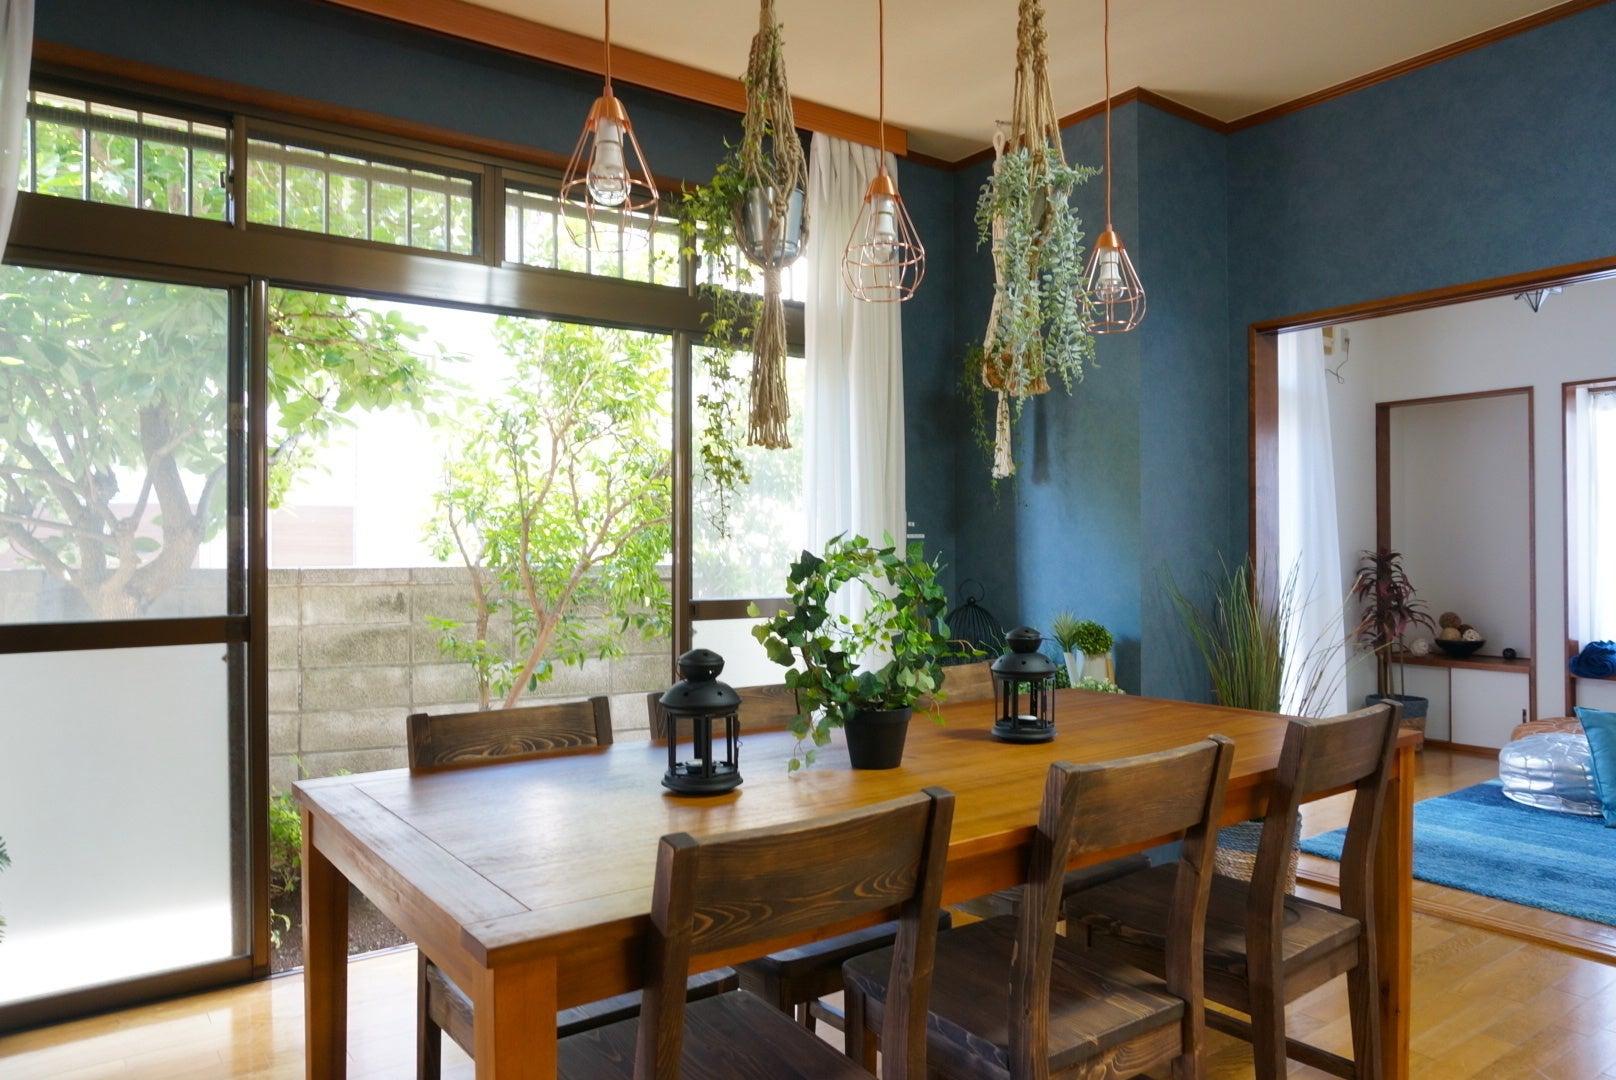 fika桜上水〜夏みかんハウス〜上品なブルーに囲まれたリビング・ボタニカルな雰囲気がフォトジェニック♪SNS投稿・動画撮影可(fika桜上水) の写真0